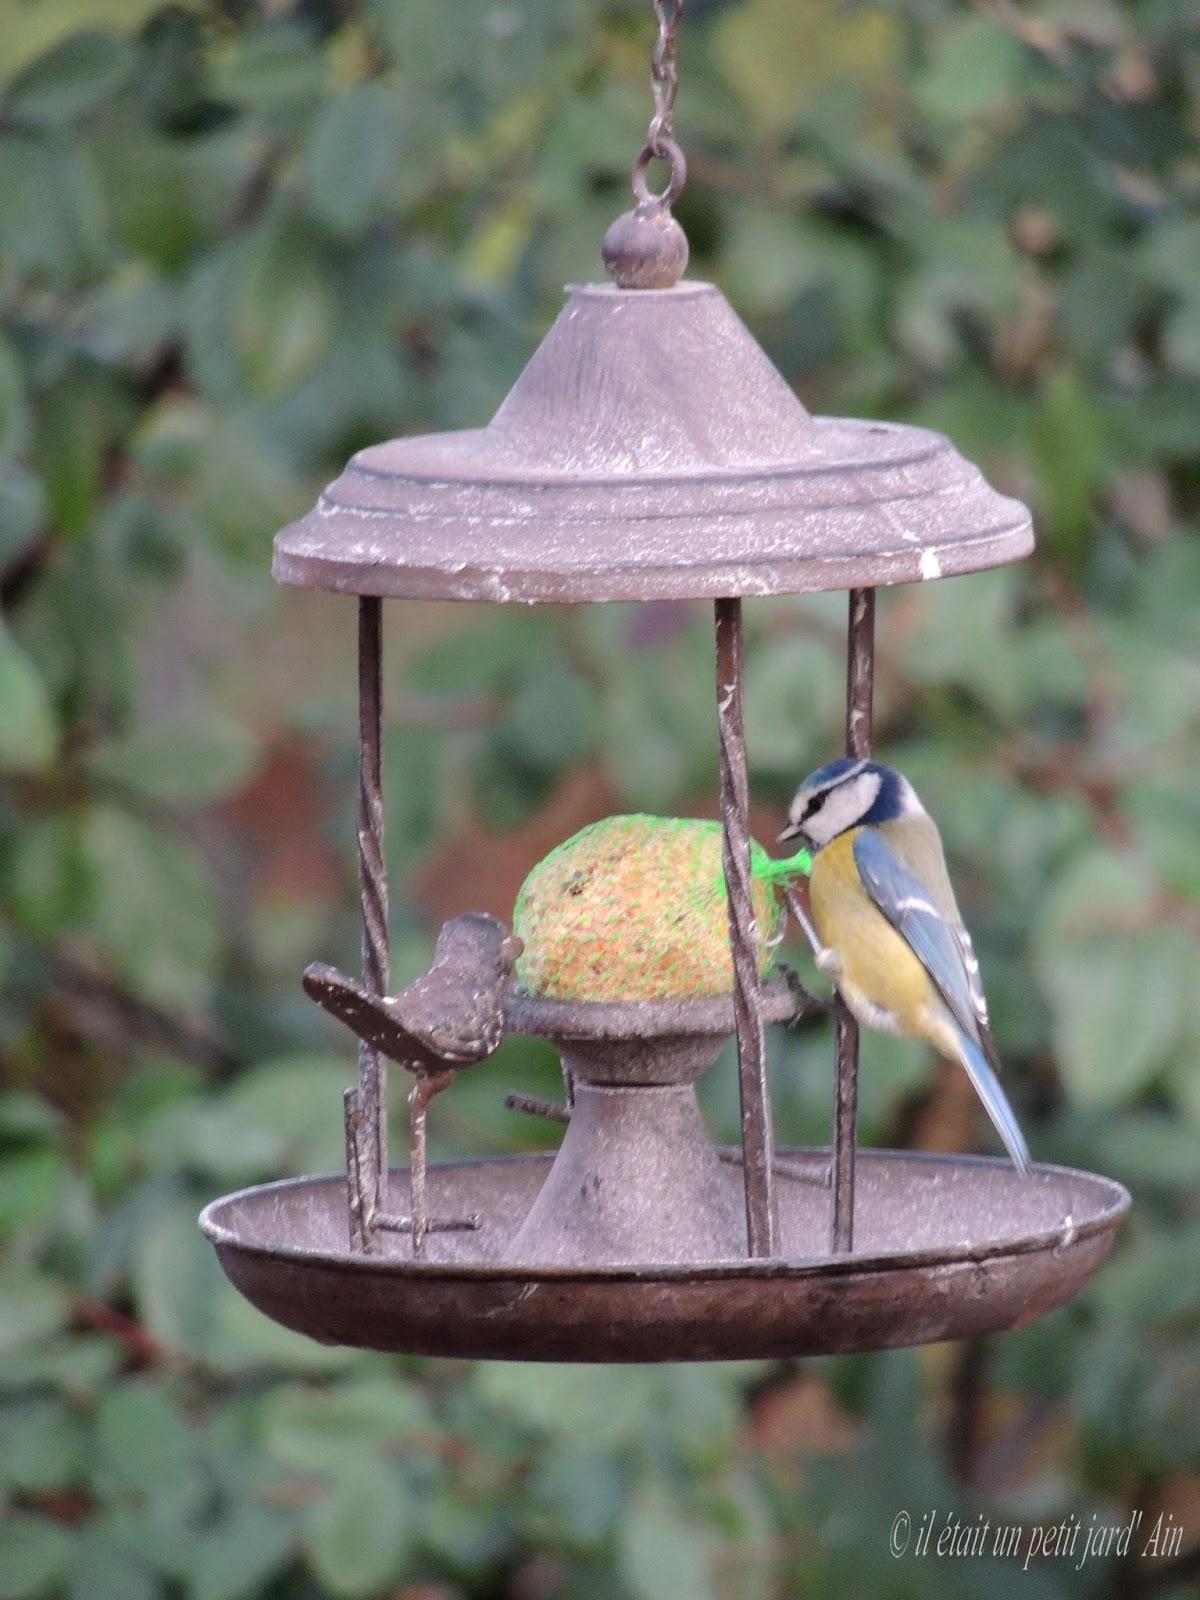 Il etait un petit jard 39 ain poesie jardiniere - Faire peur aux oiseaux jardin ...